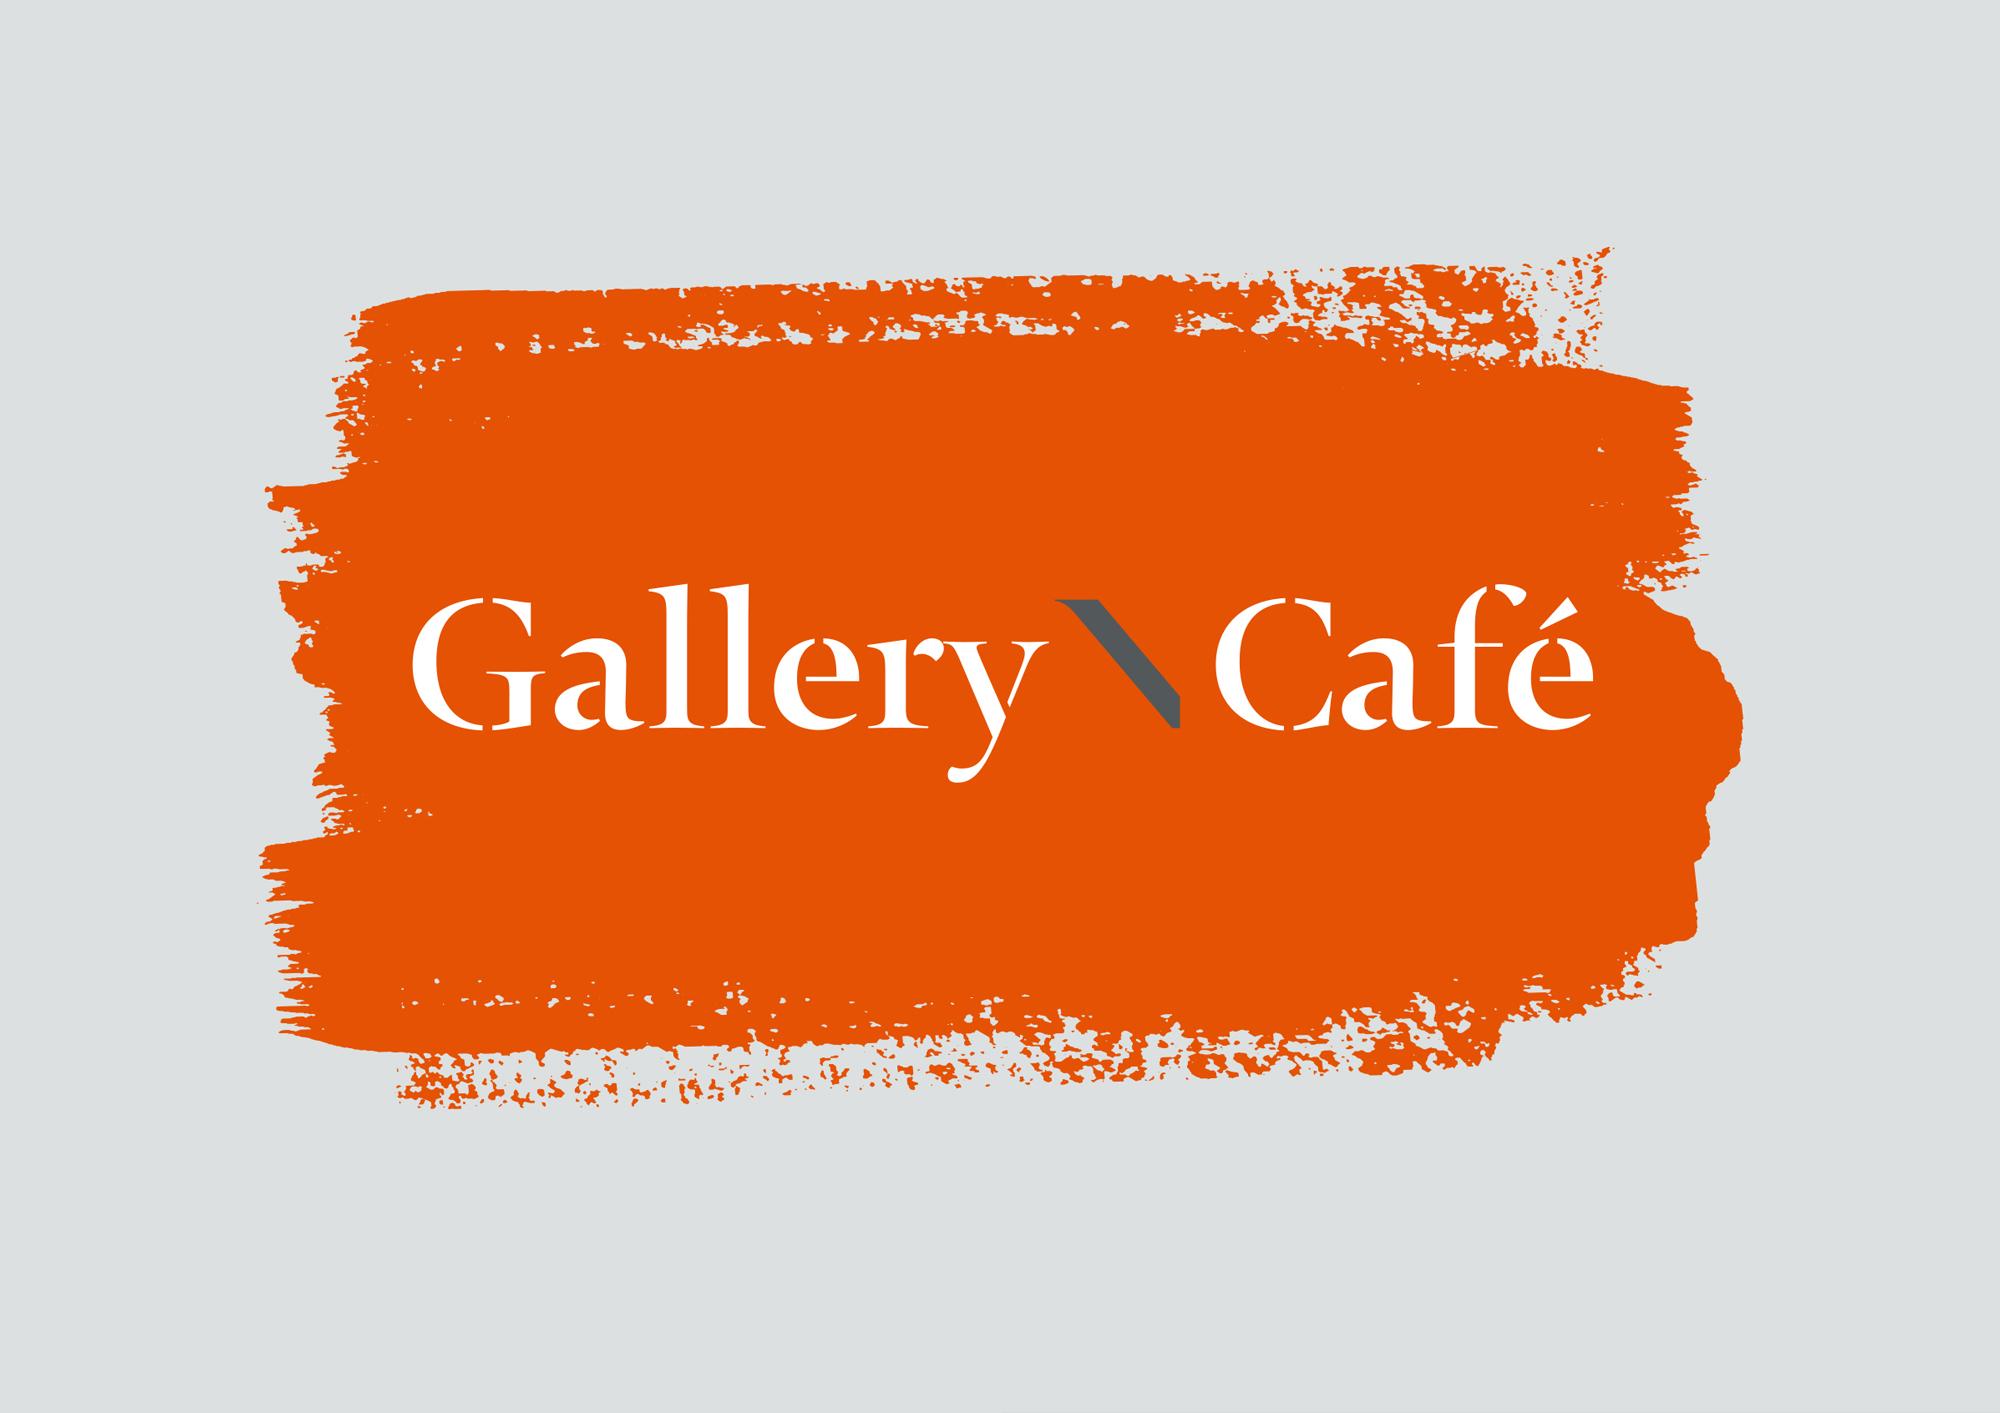 Cover image: Gallery Café branding